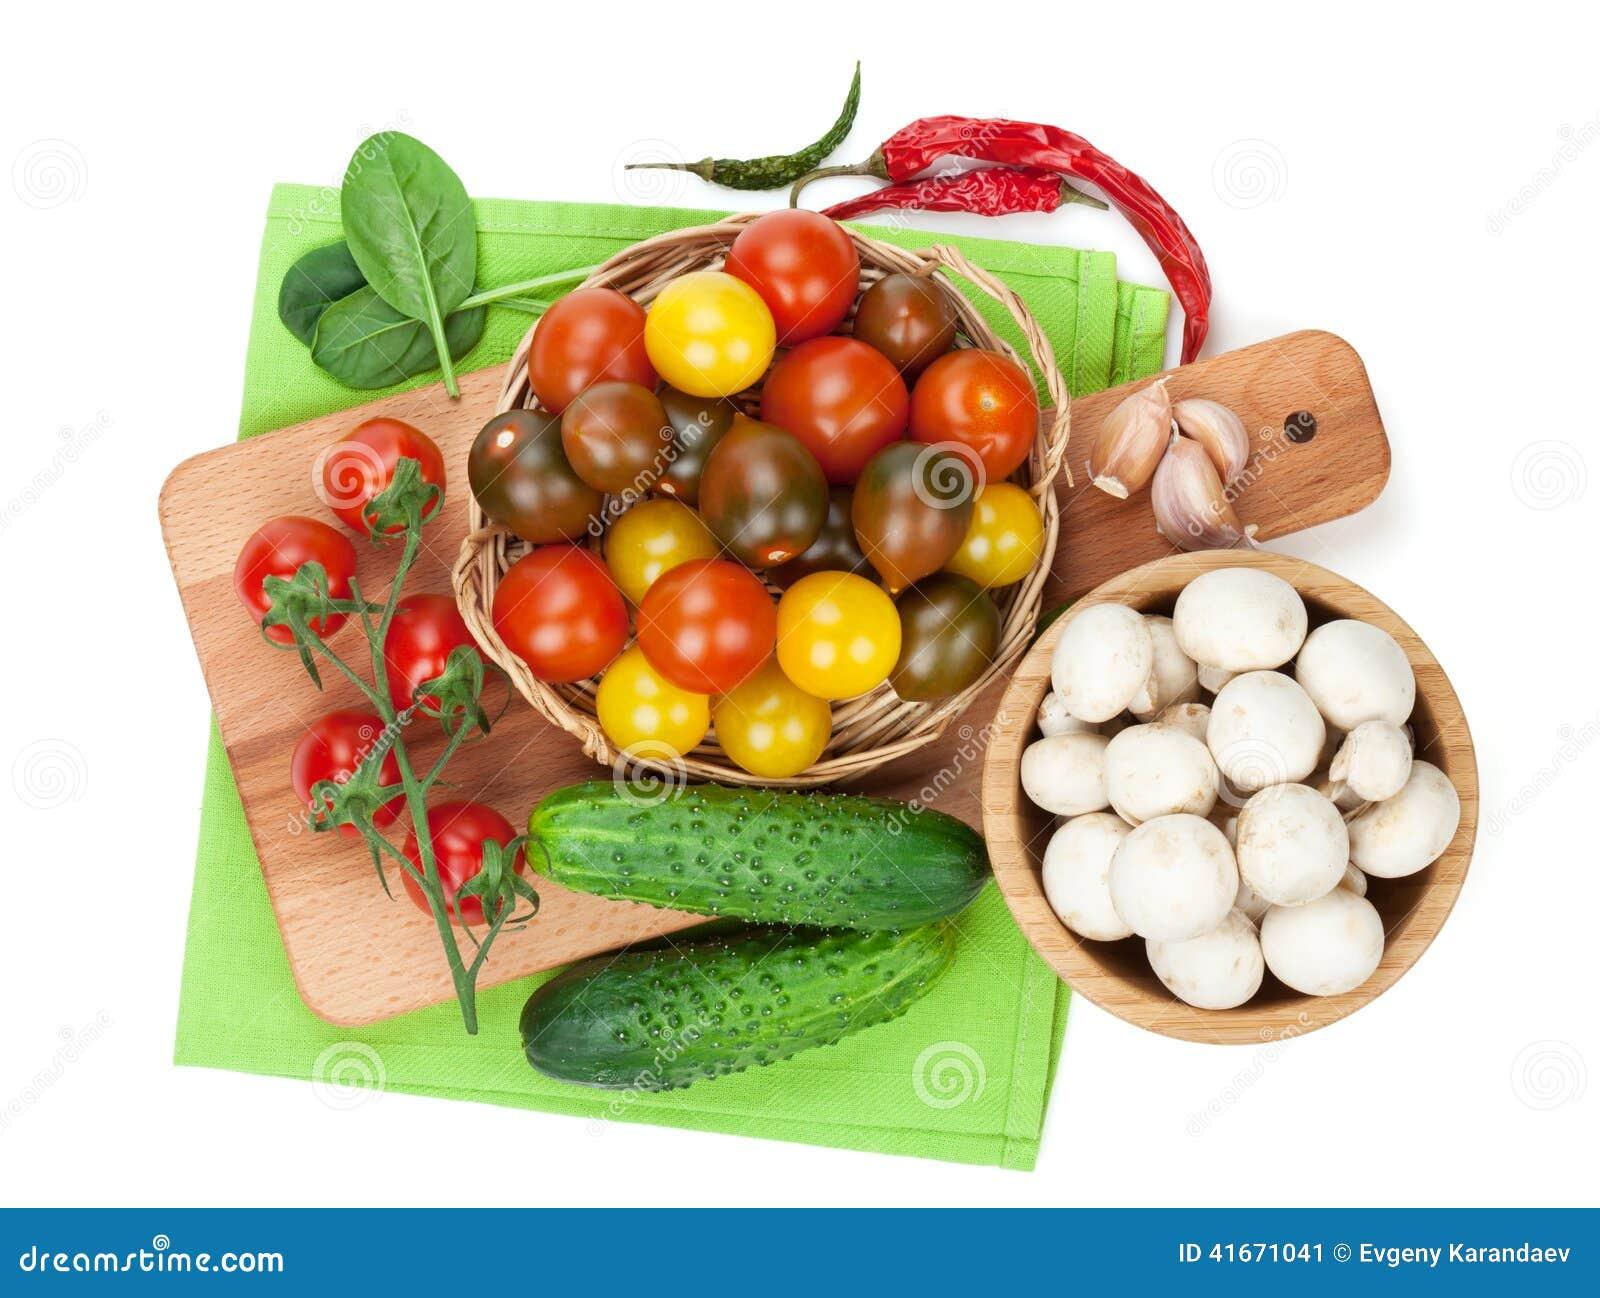 ingr dients frais pour la cuisson tomate concombre champignon et ps photo stock image. Black Bedroom Furniture Sets. Home Design Ideas